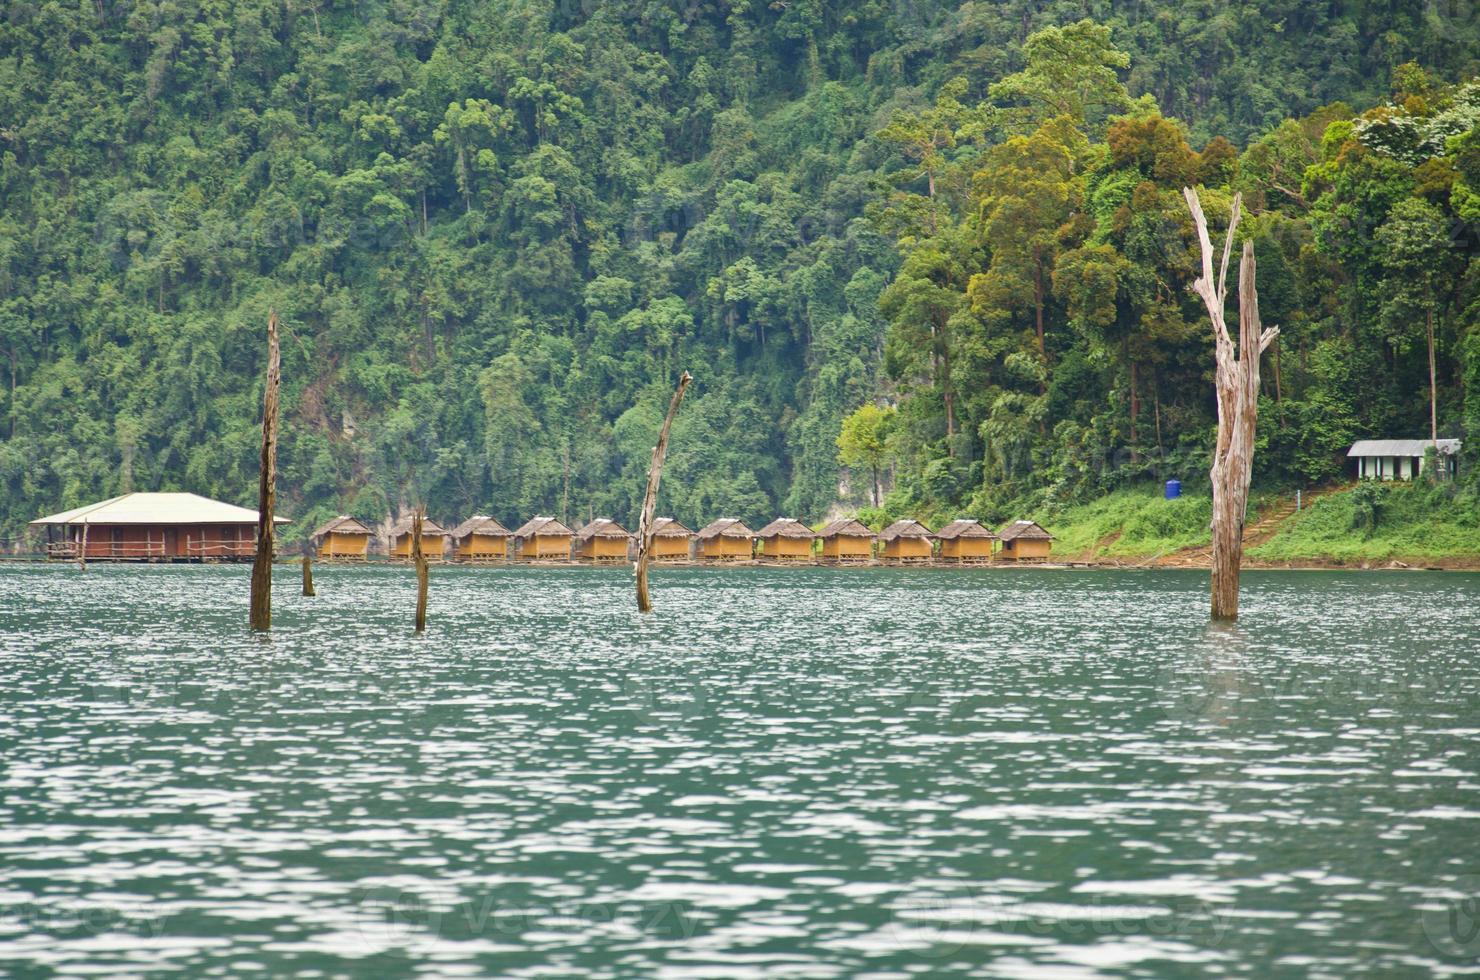 schöner Berg umgeben von Wasser, natürliche Attraktionen in r foto